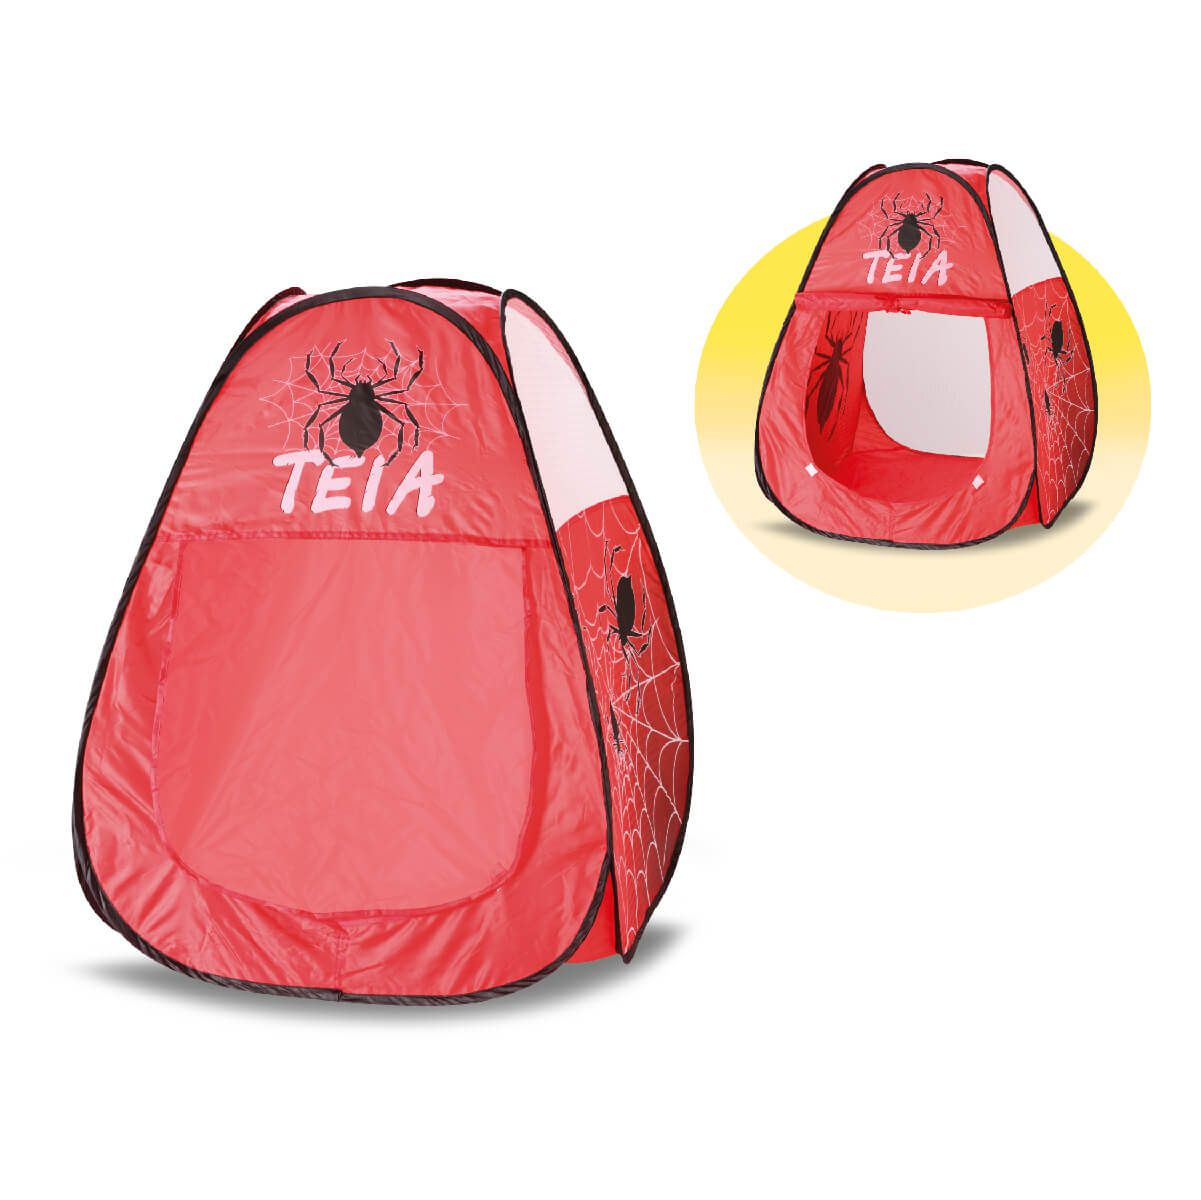 Barraca Infantil Teia Com Bolinhas 5305 Samba Toys